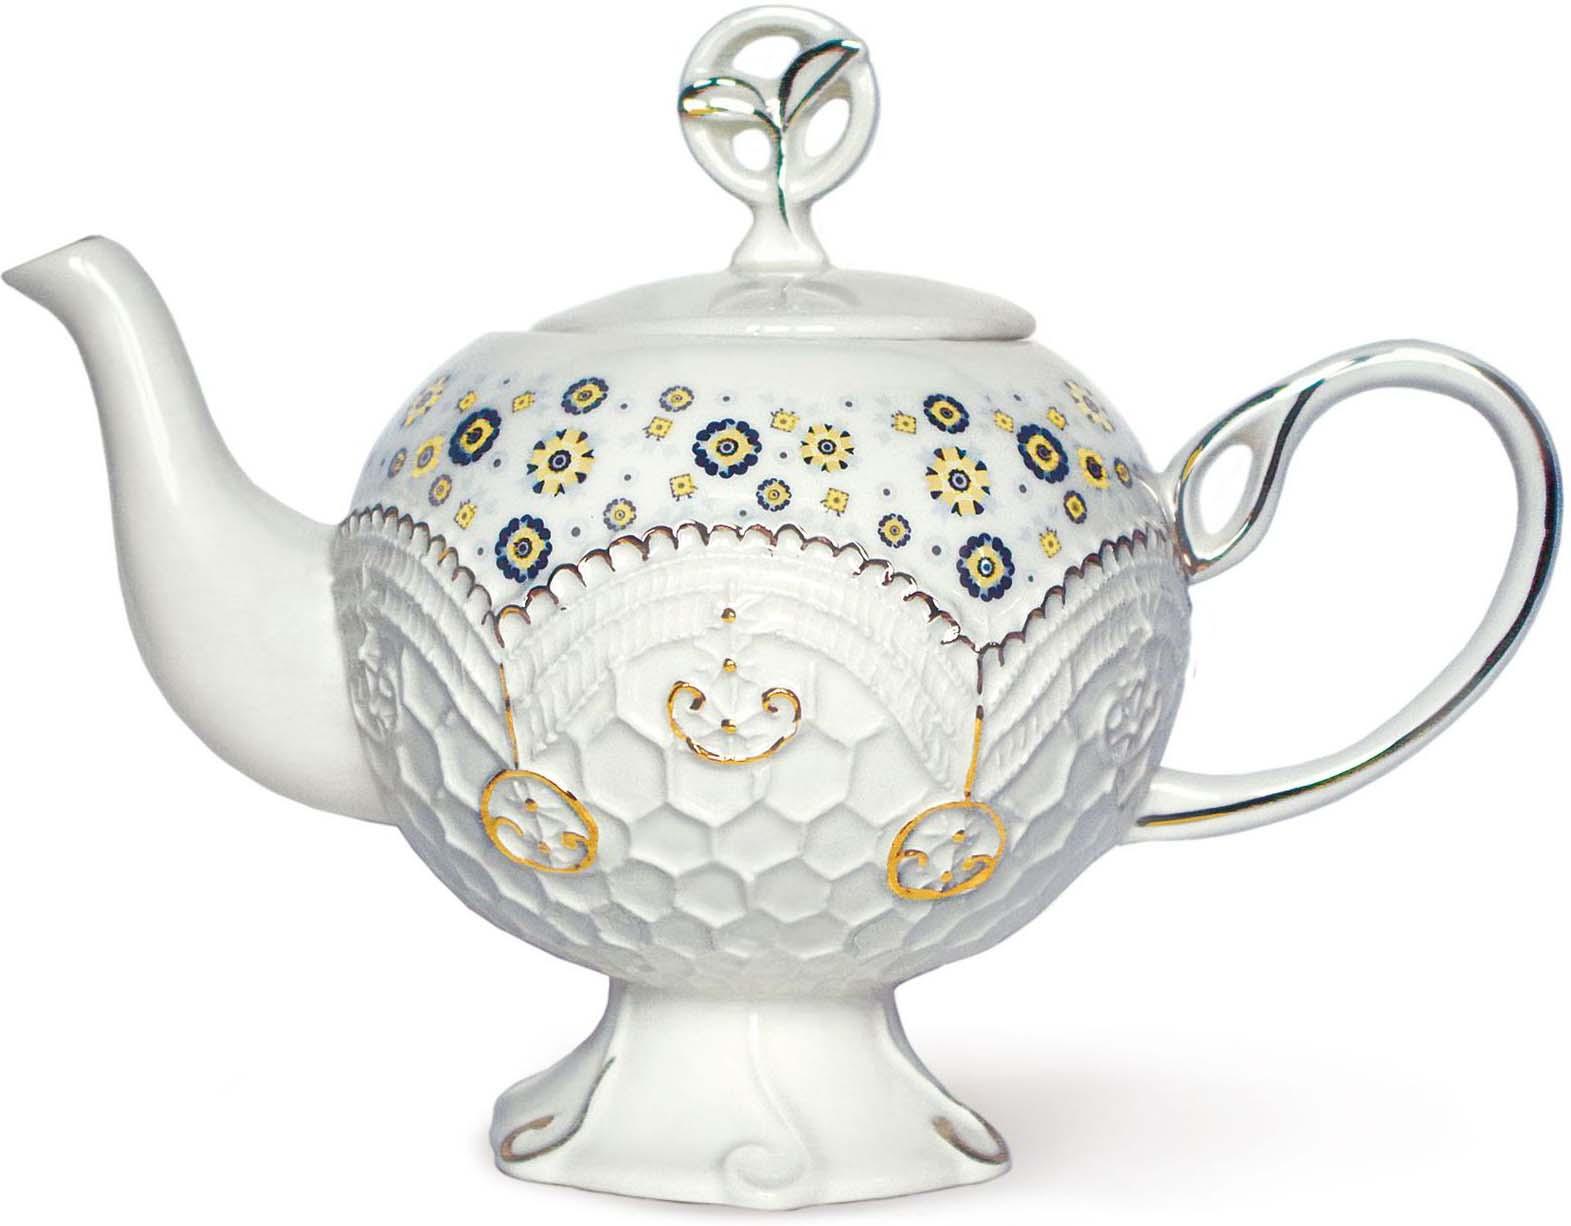 Чай черный Hyton Керамический чайник Рокель, 80 г ручной работы с деревом керамические портативный китай gongfu чай кубок чайник путешествия set